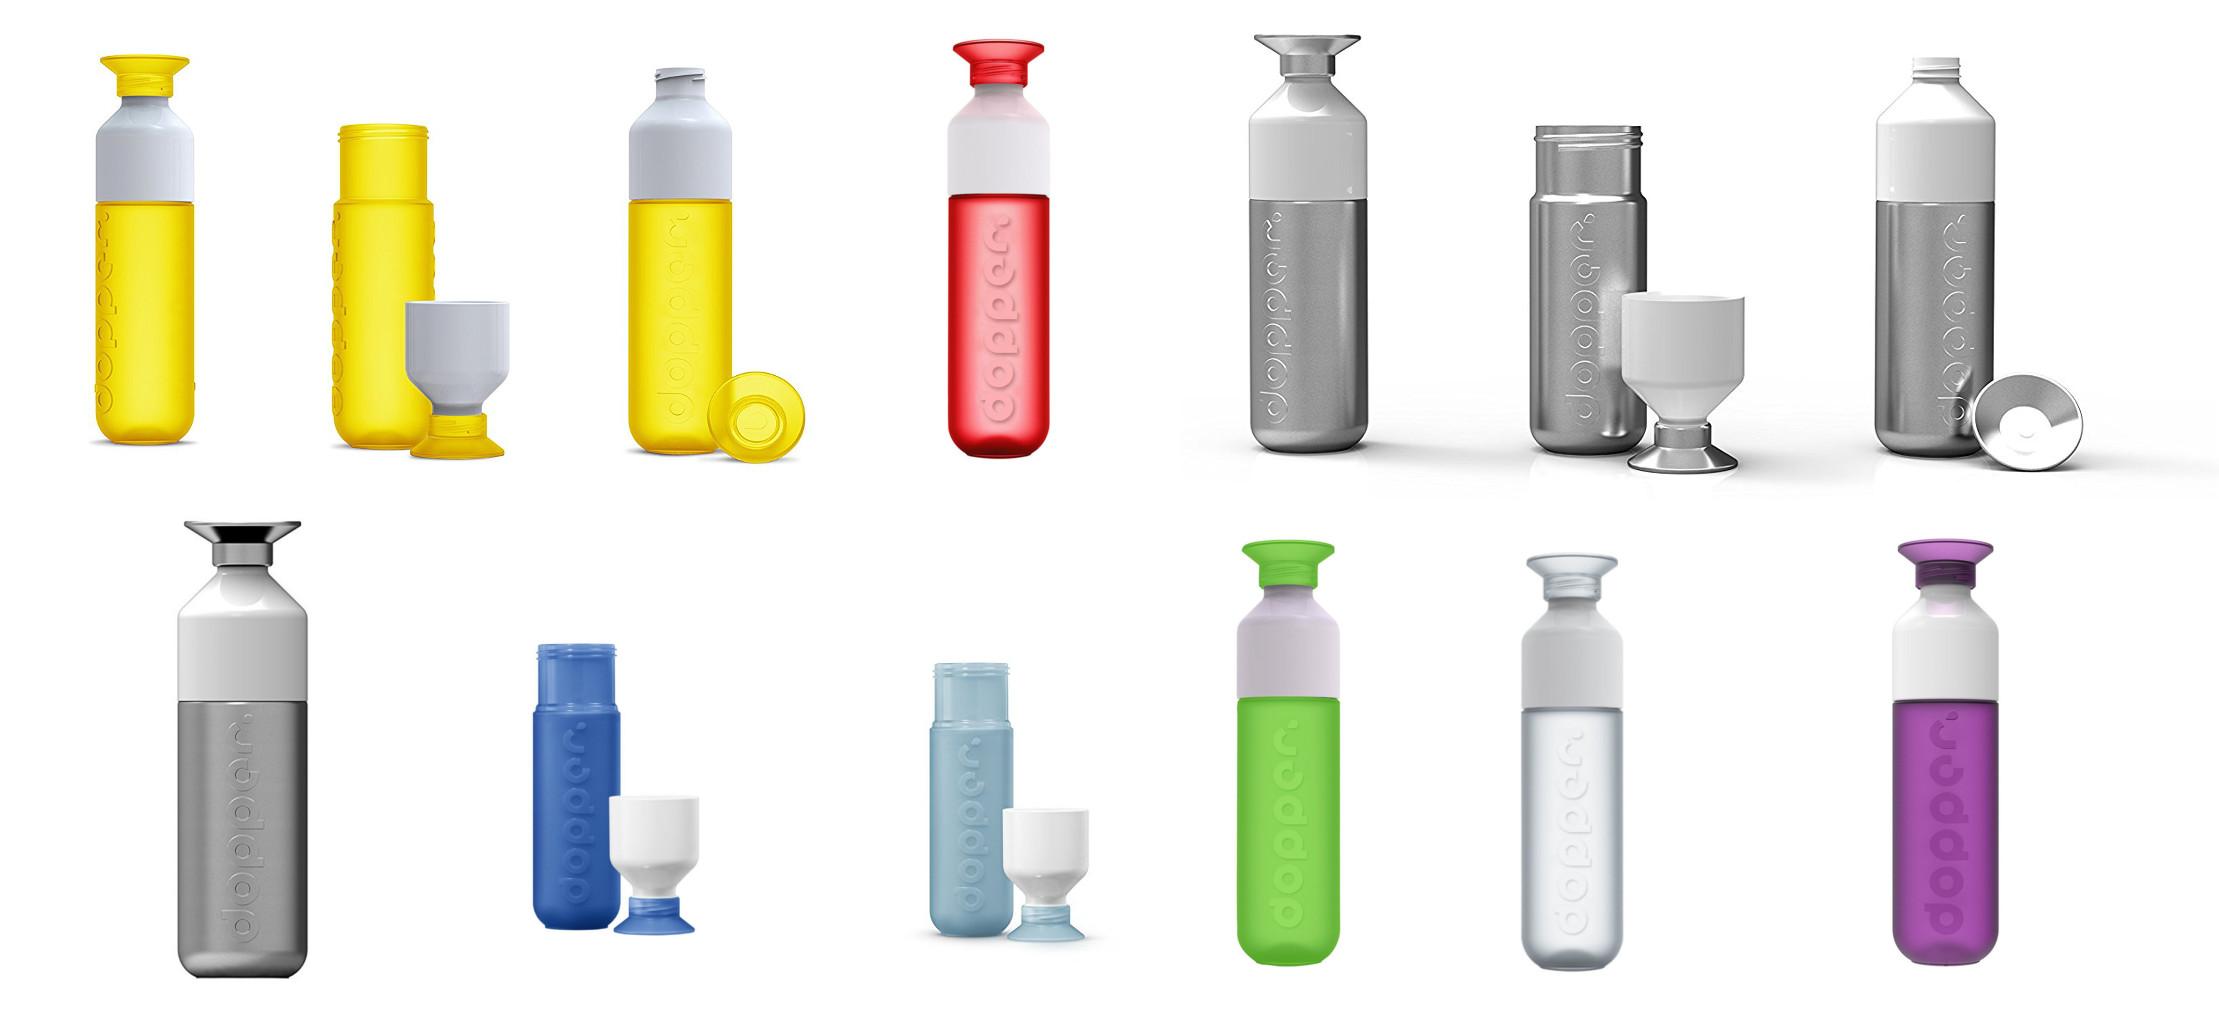 Dopper Trinkflaschenin verschiedenen Farben und Materialien